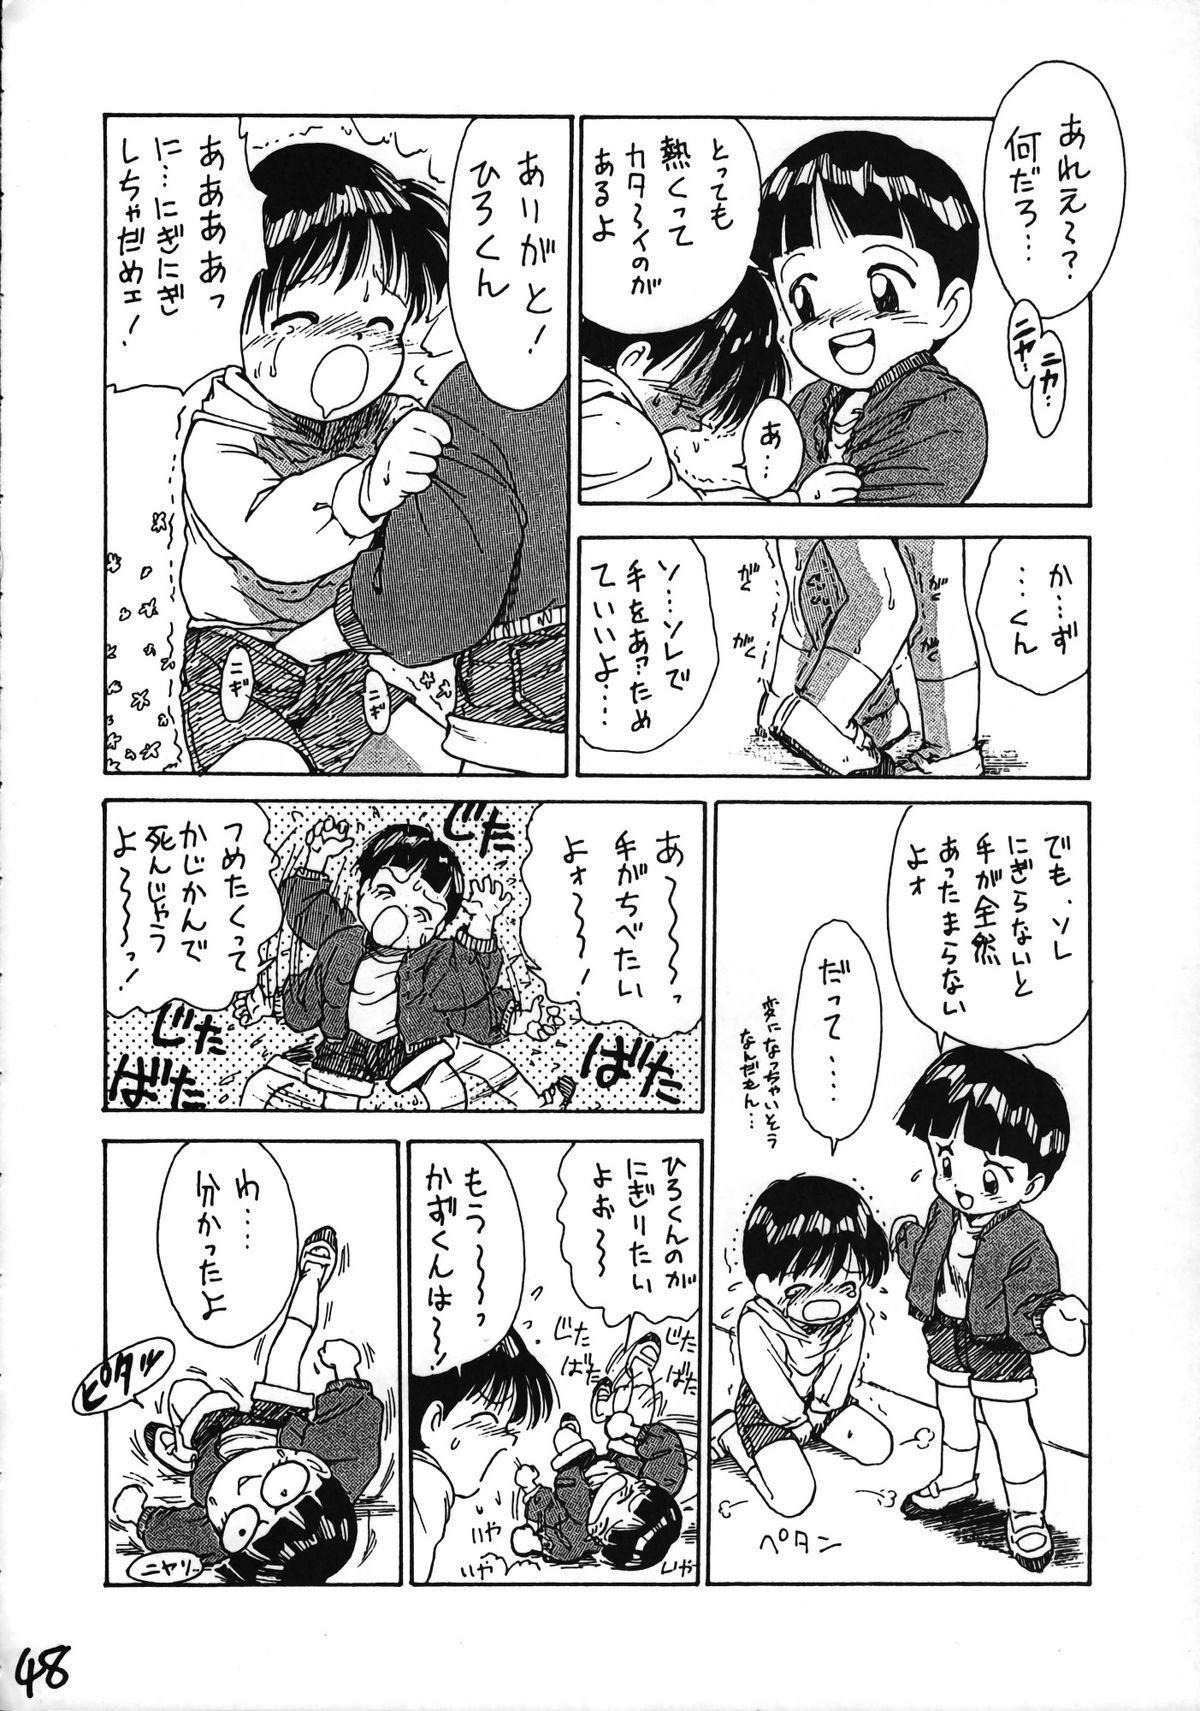 Ikenai! Otokonoko Hon Boy's H Book 2 48